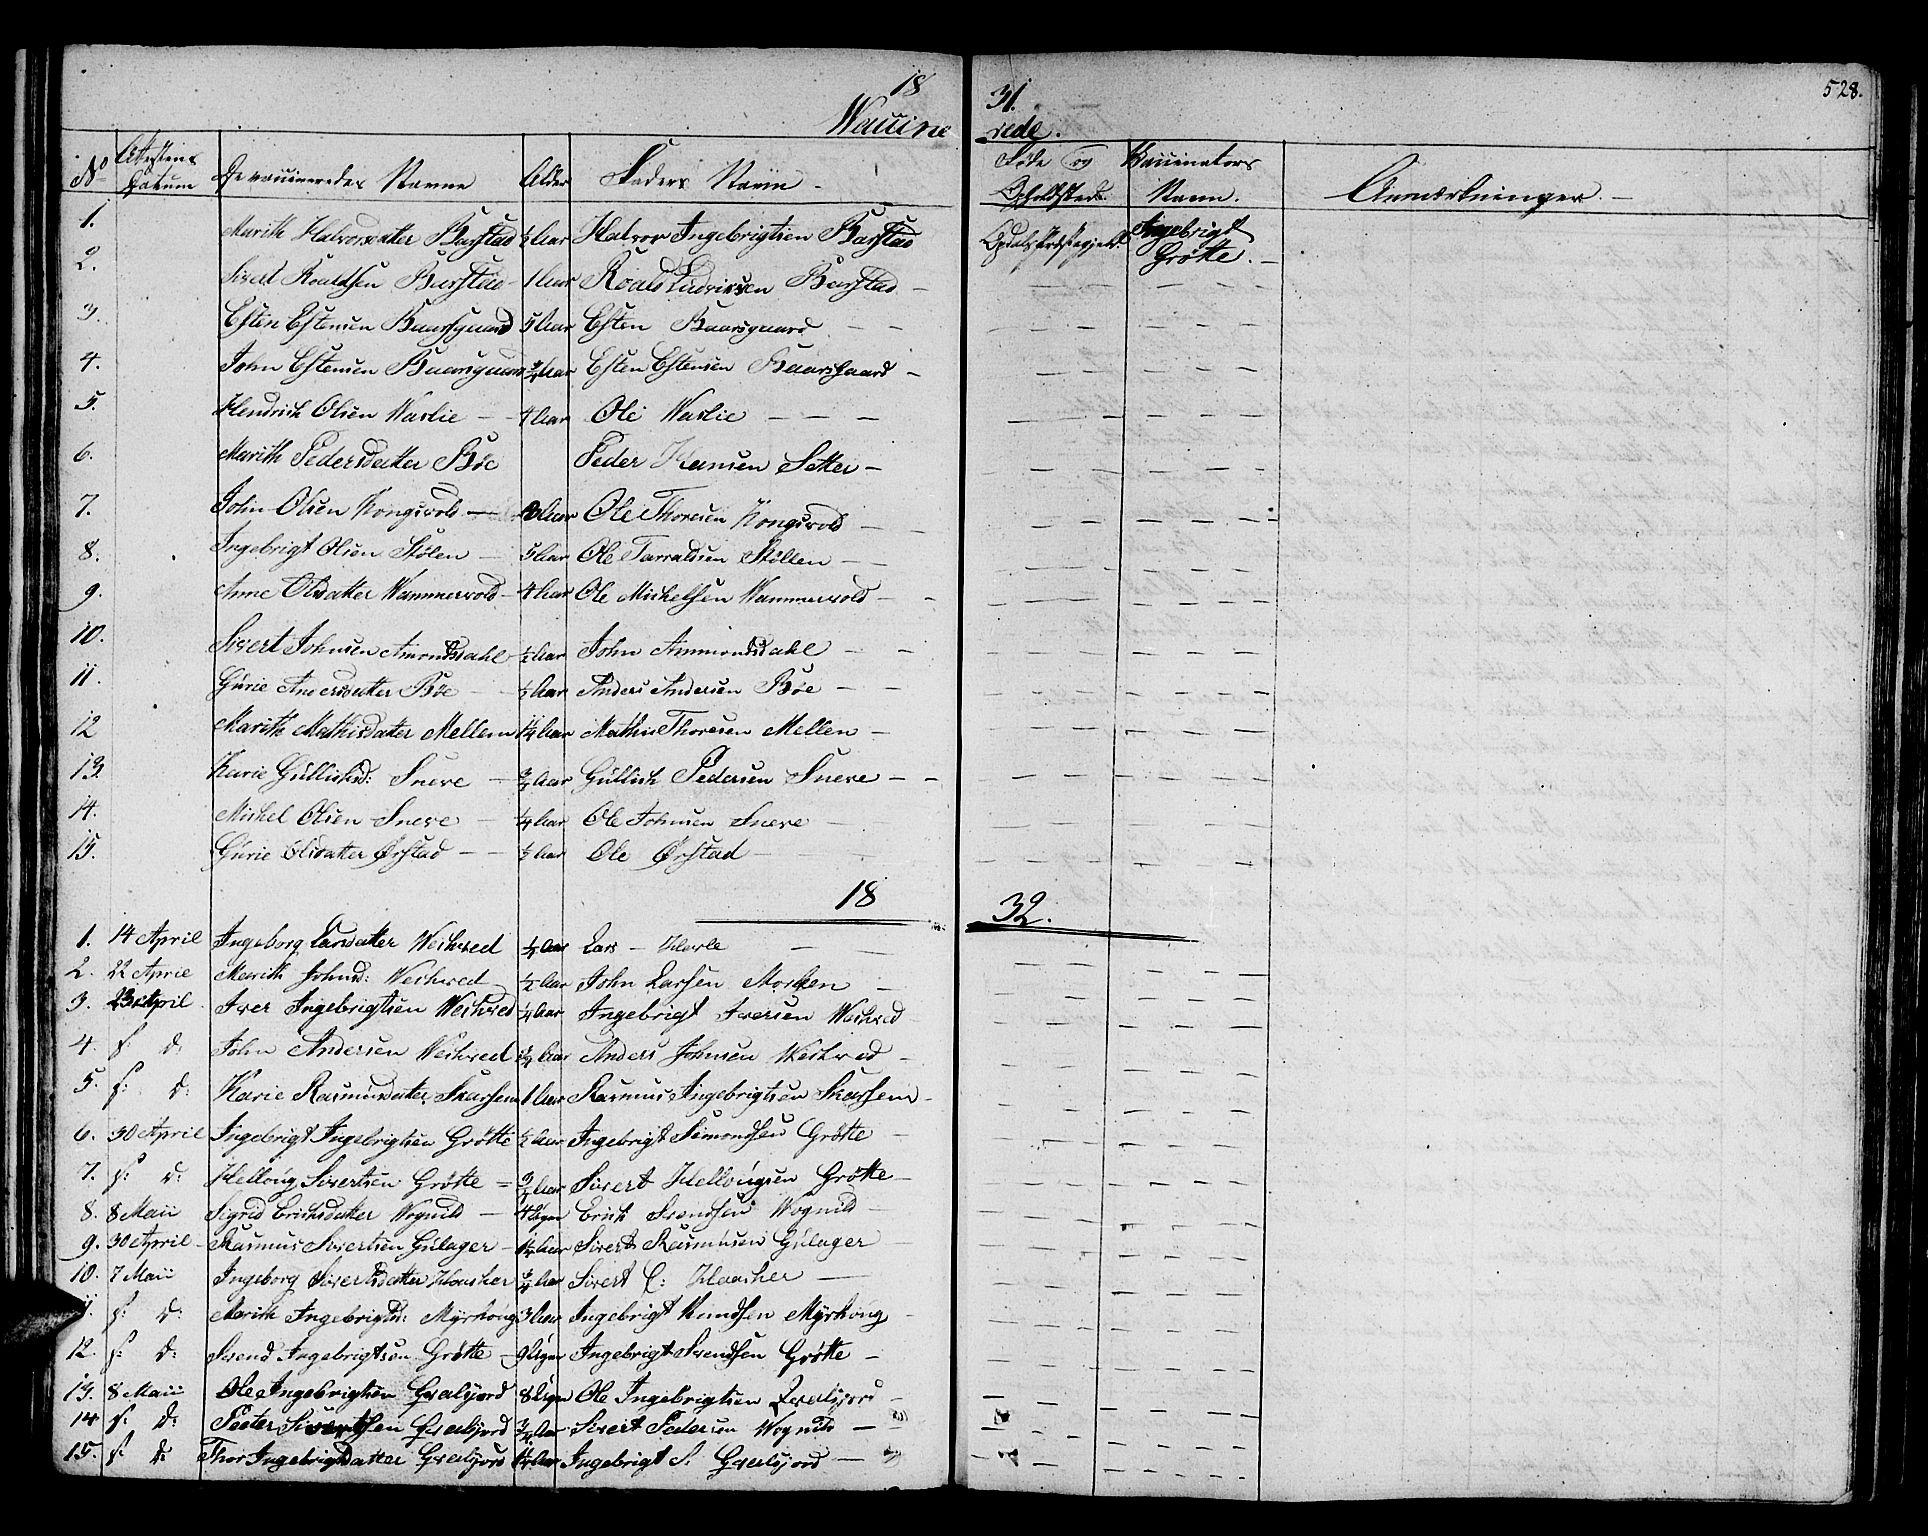 SAT, Ministerialprotokoller, klokkerbøker og fødselsregistre - Sør-Trøndelag, 678/L0897: Ministerialbok nr. 678A06-07, 1821-1847, s. 528